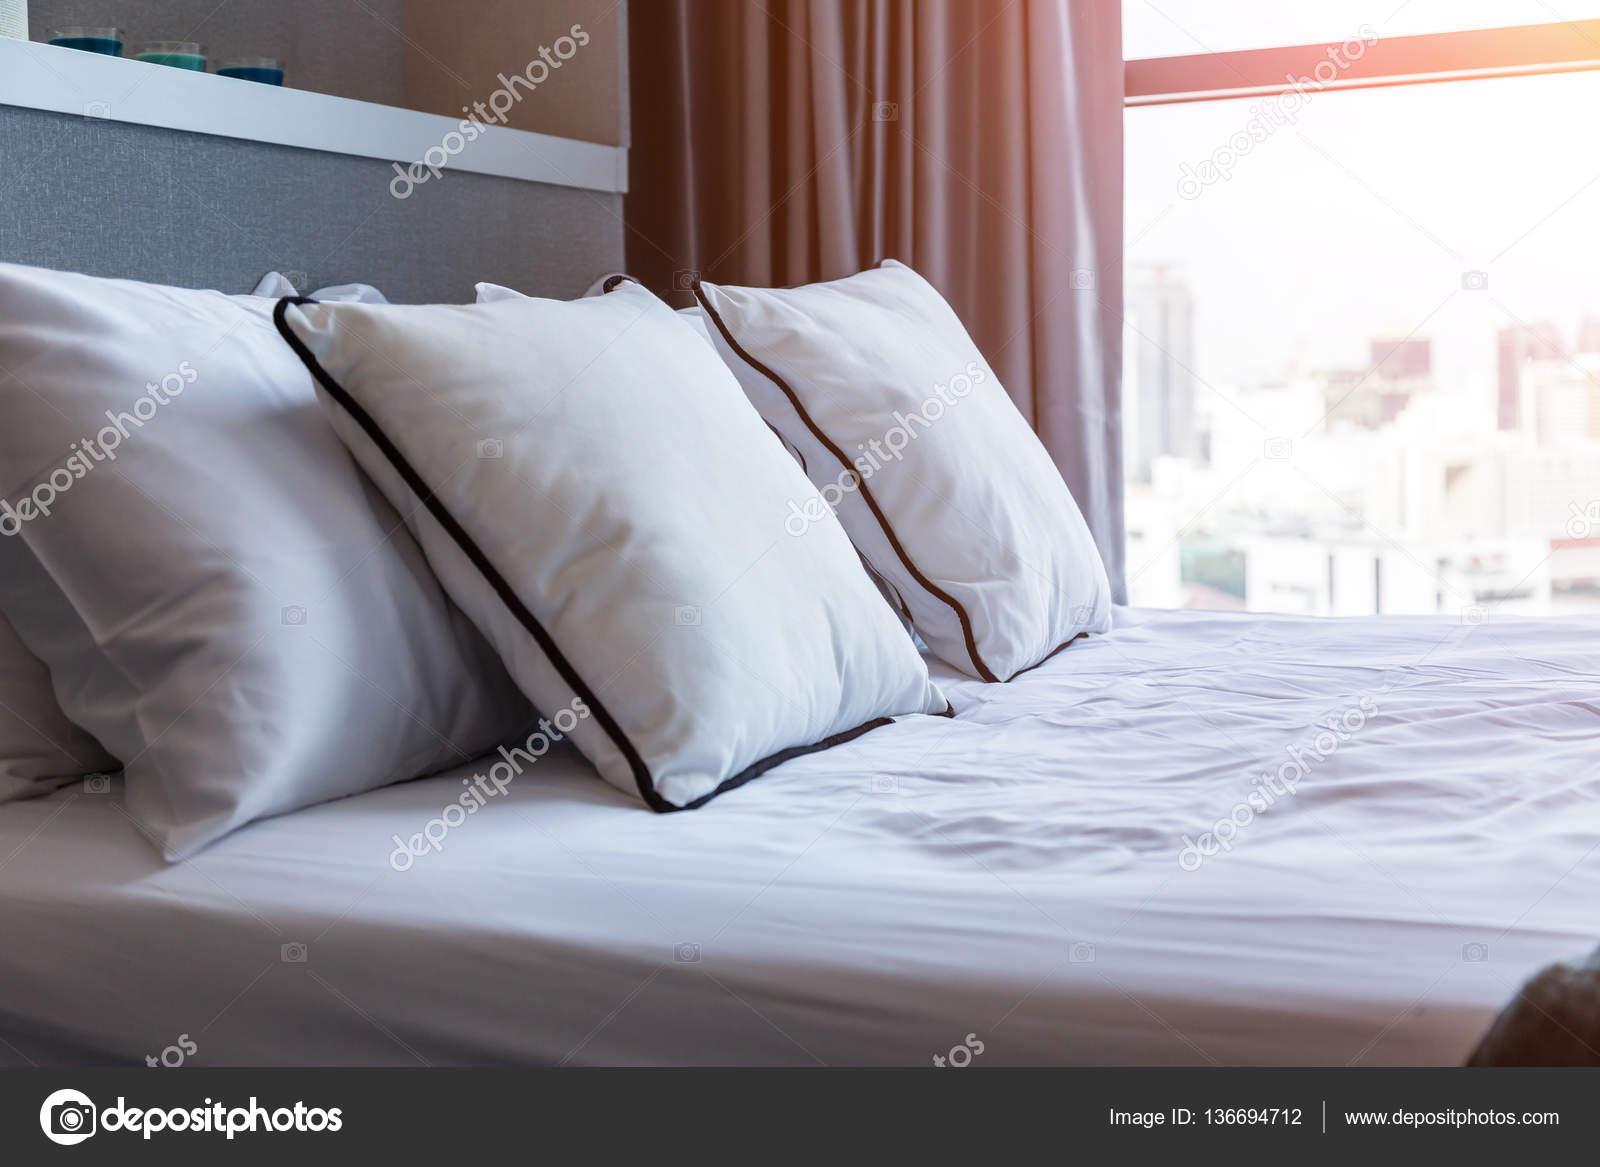 Bed meid met schone witte kussens lakens slaapkamer close lens